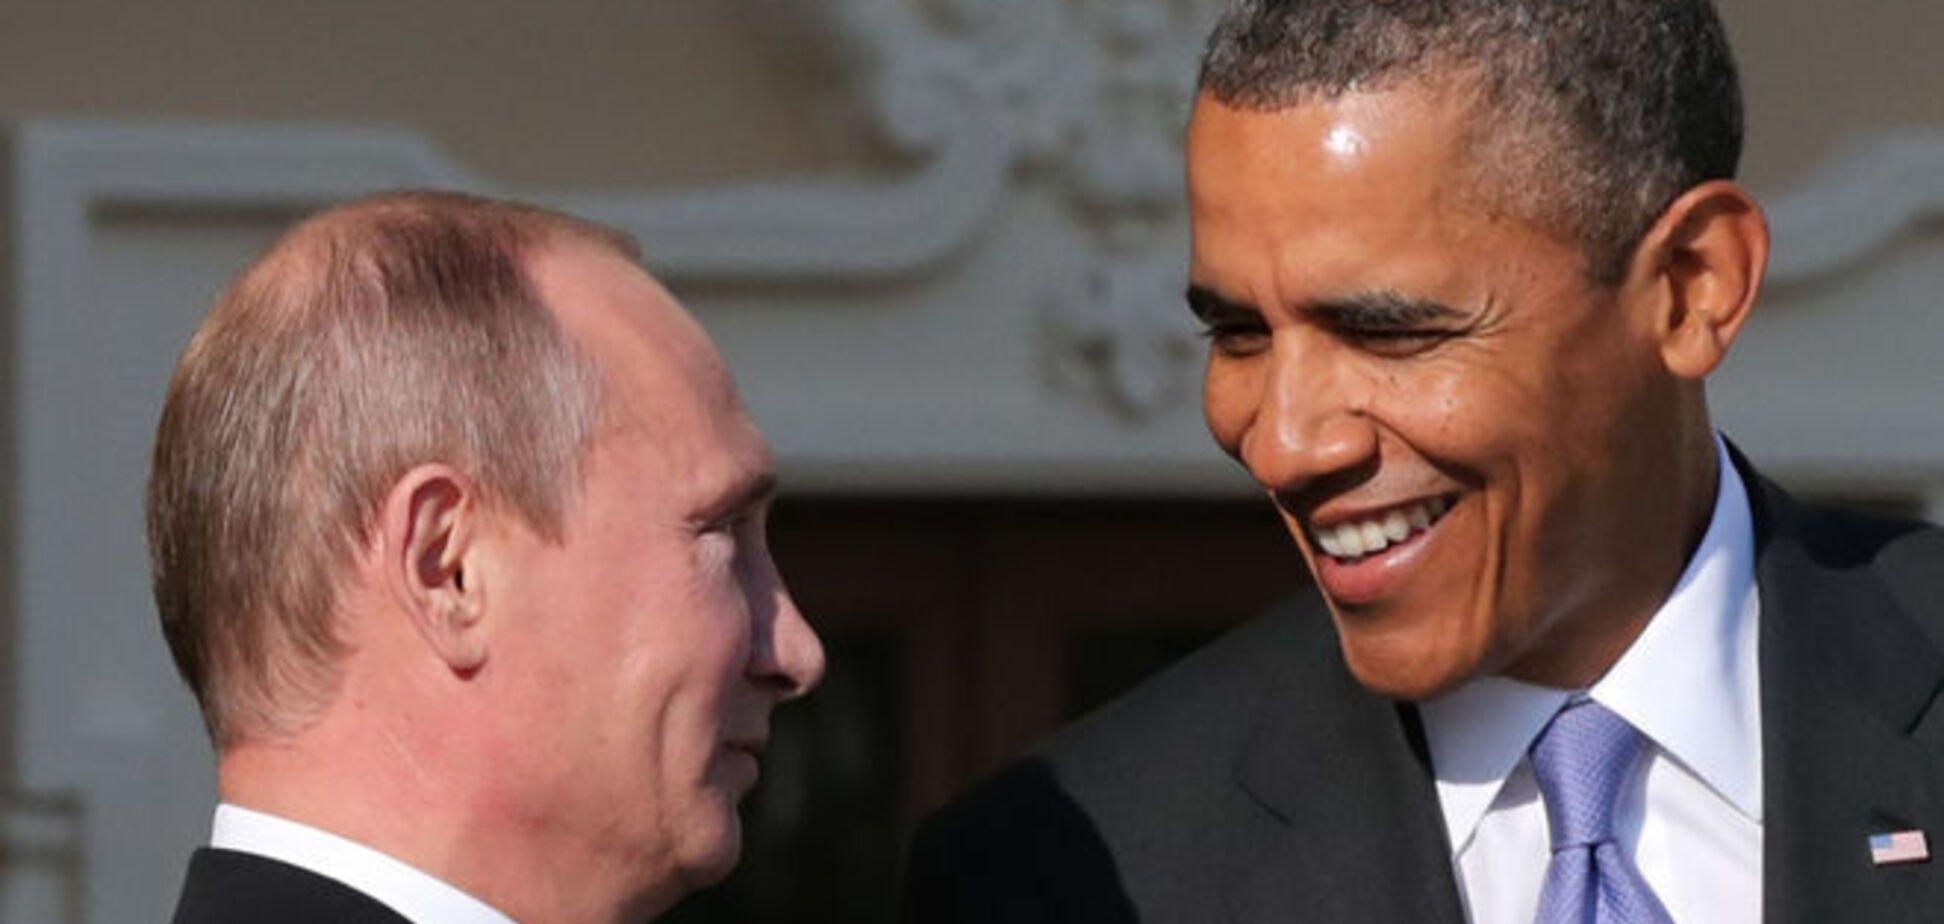 Шевцова пояснила, як Путін 'поставив на лічильник' Обаму та США